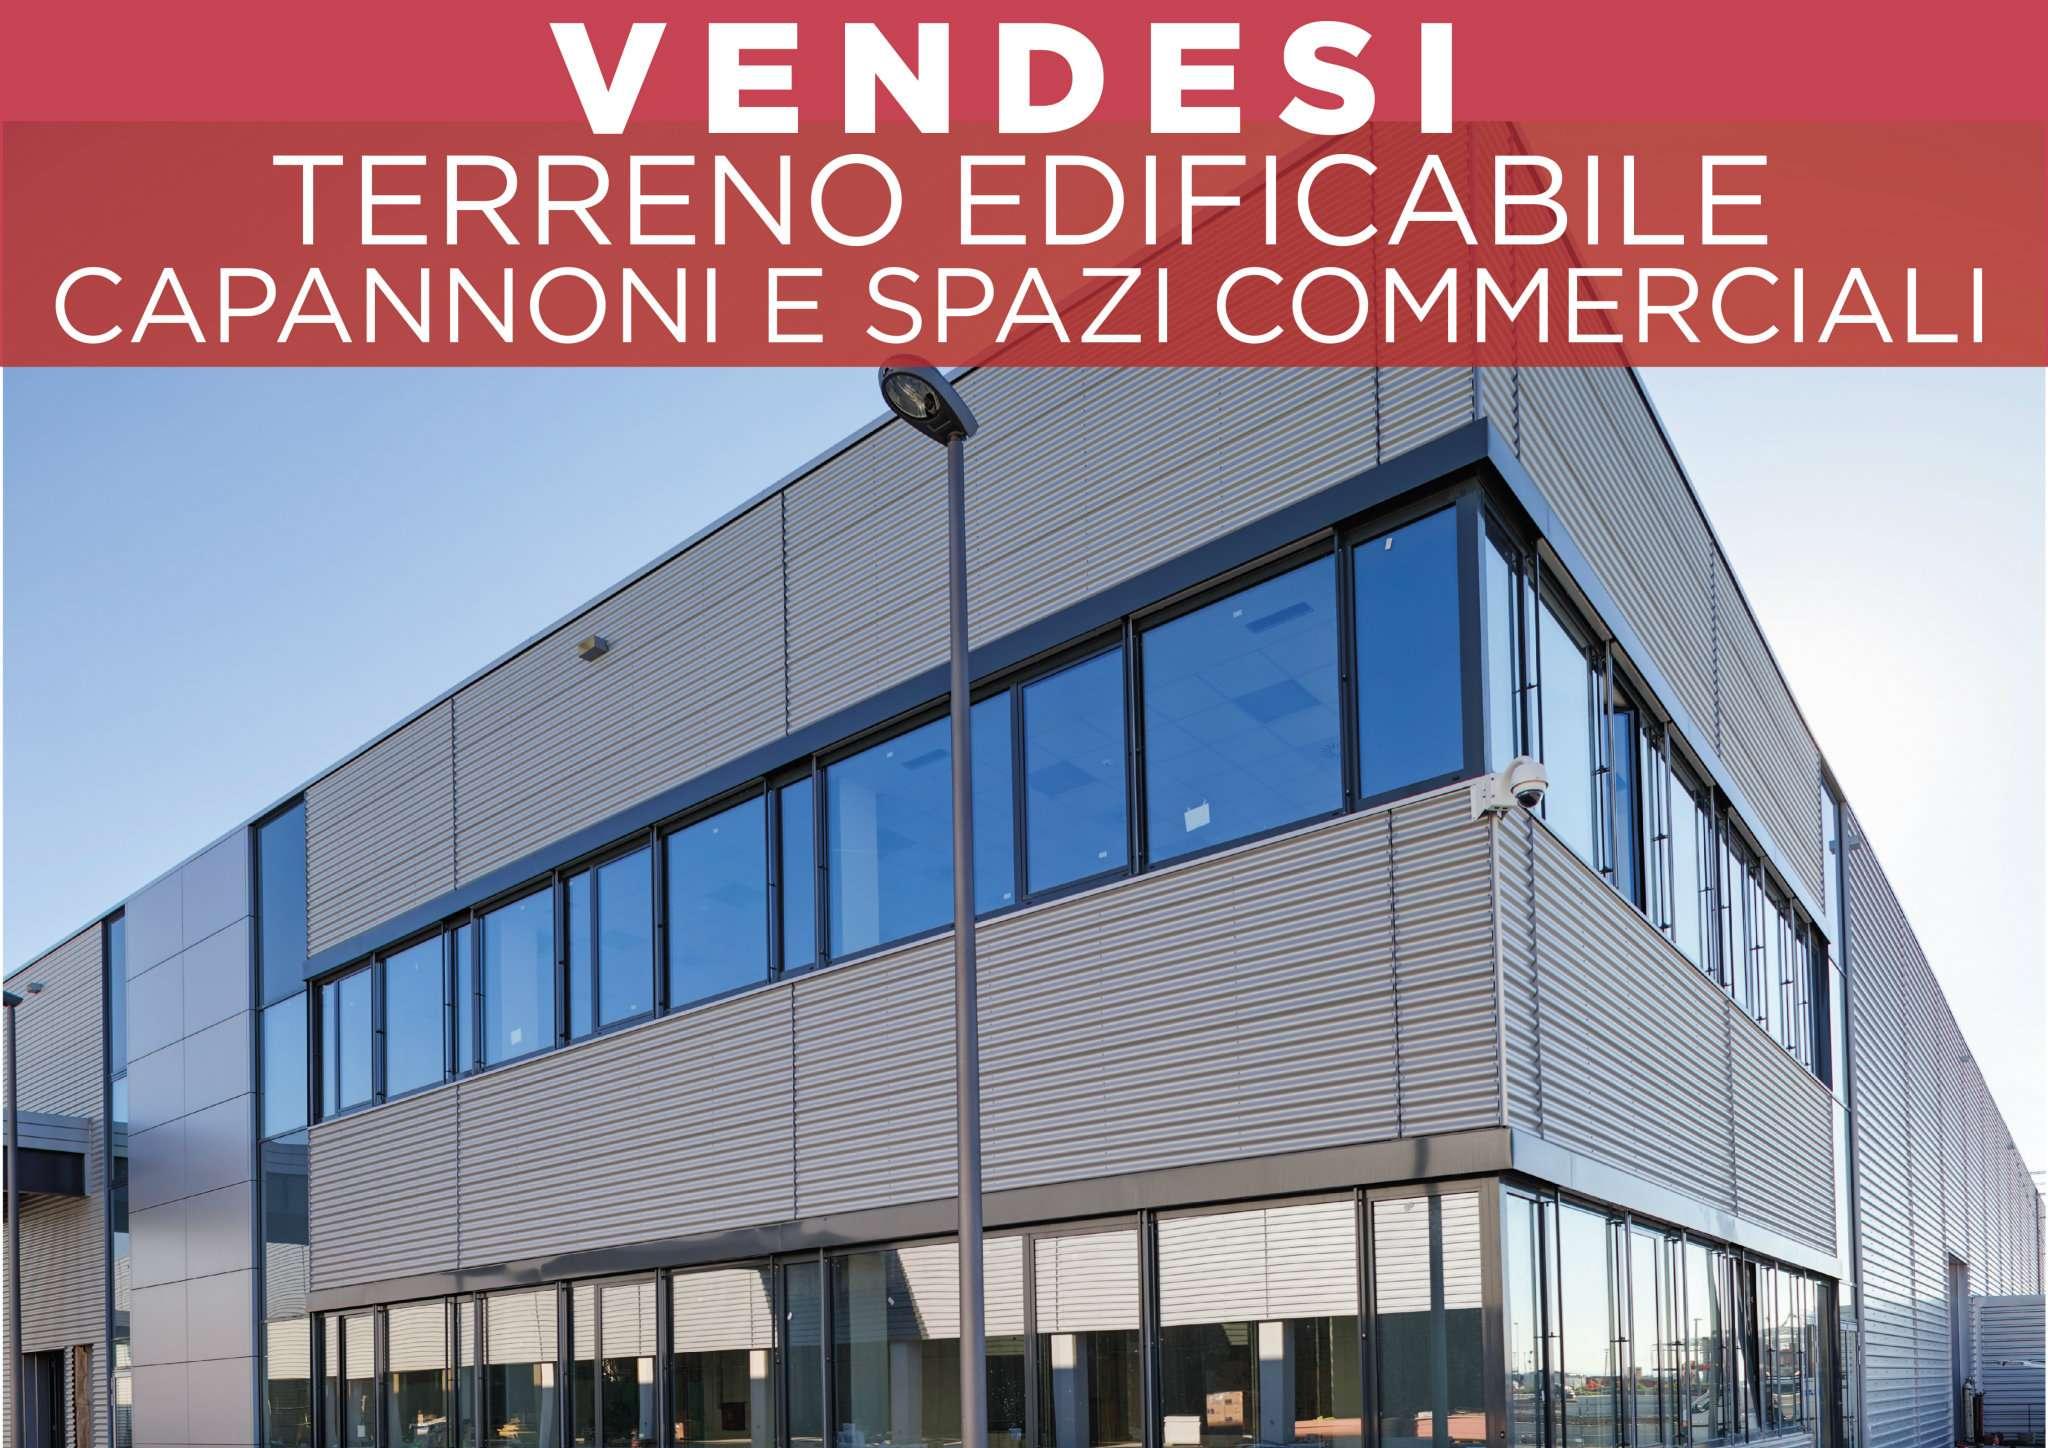 Terreno Edificabile Artigianale in vendita a Terno d'Isola, 1 locali, prezzo € 660.000 | PortaleAgenzieImmobiliari.it